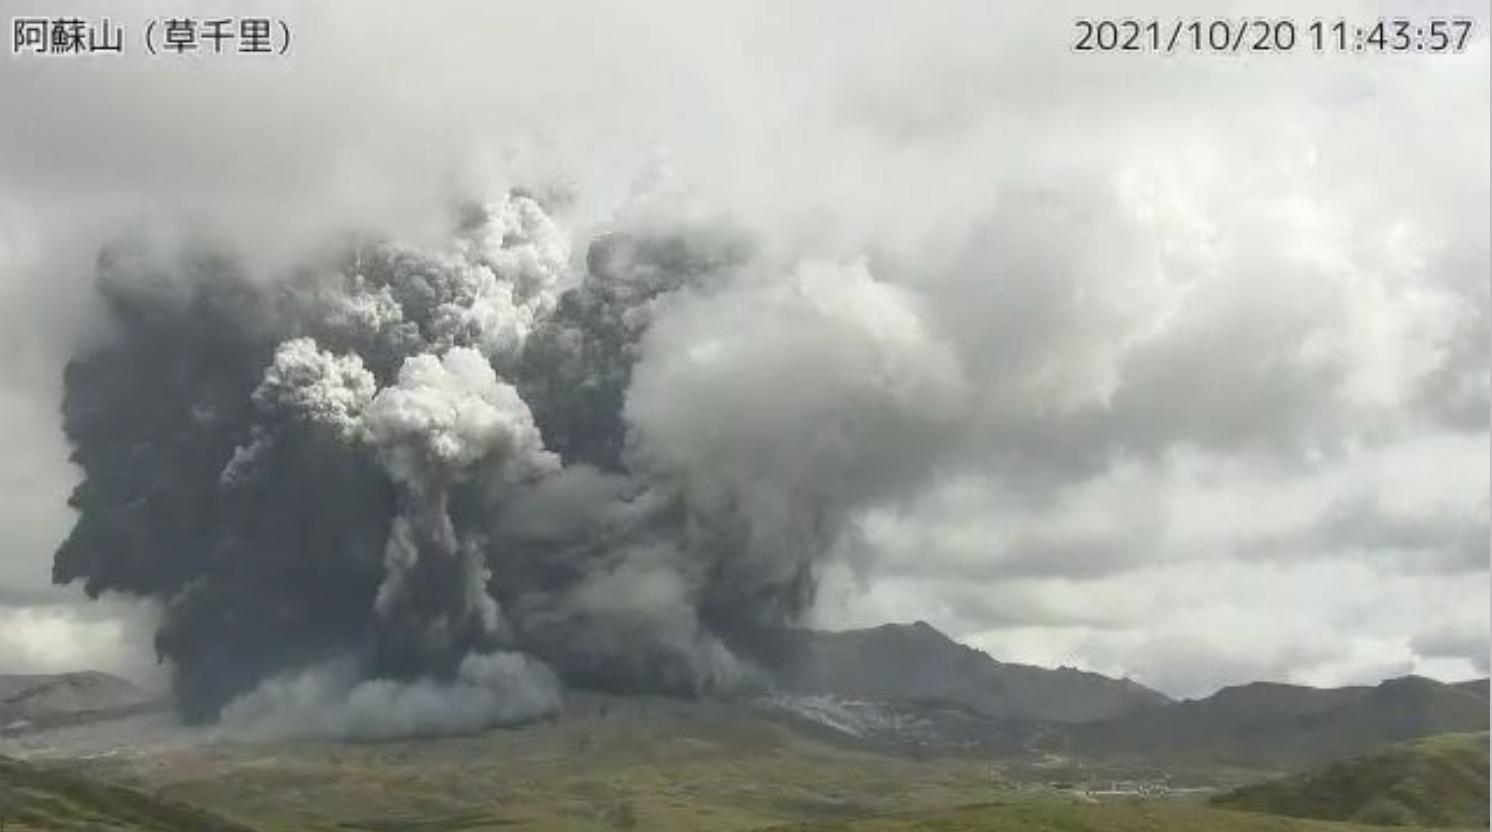 Giappone: spaventosa eruzione del vulcano Aso. Il video